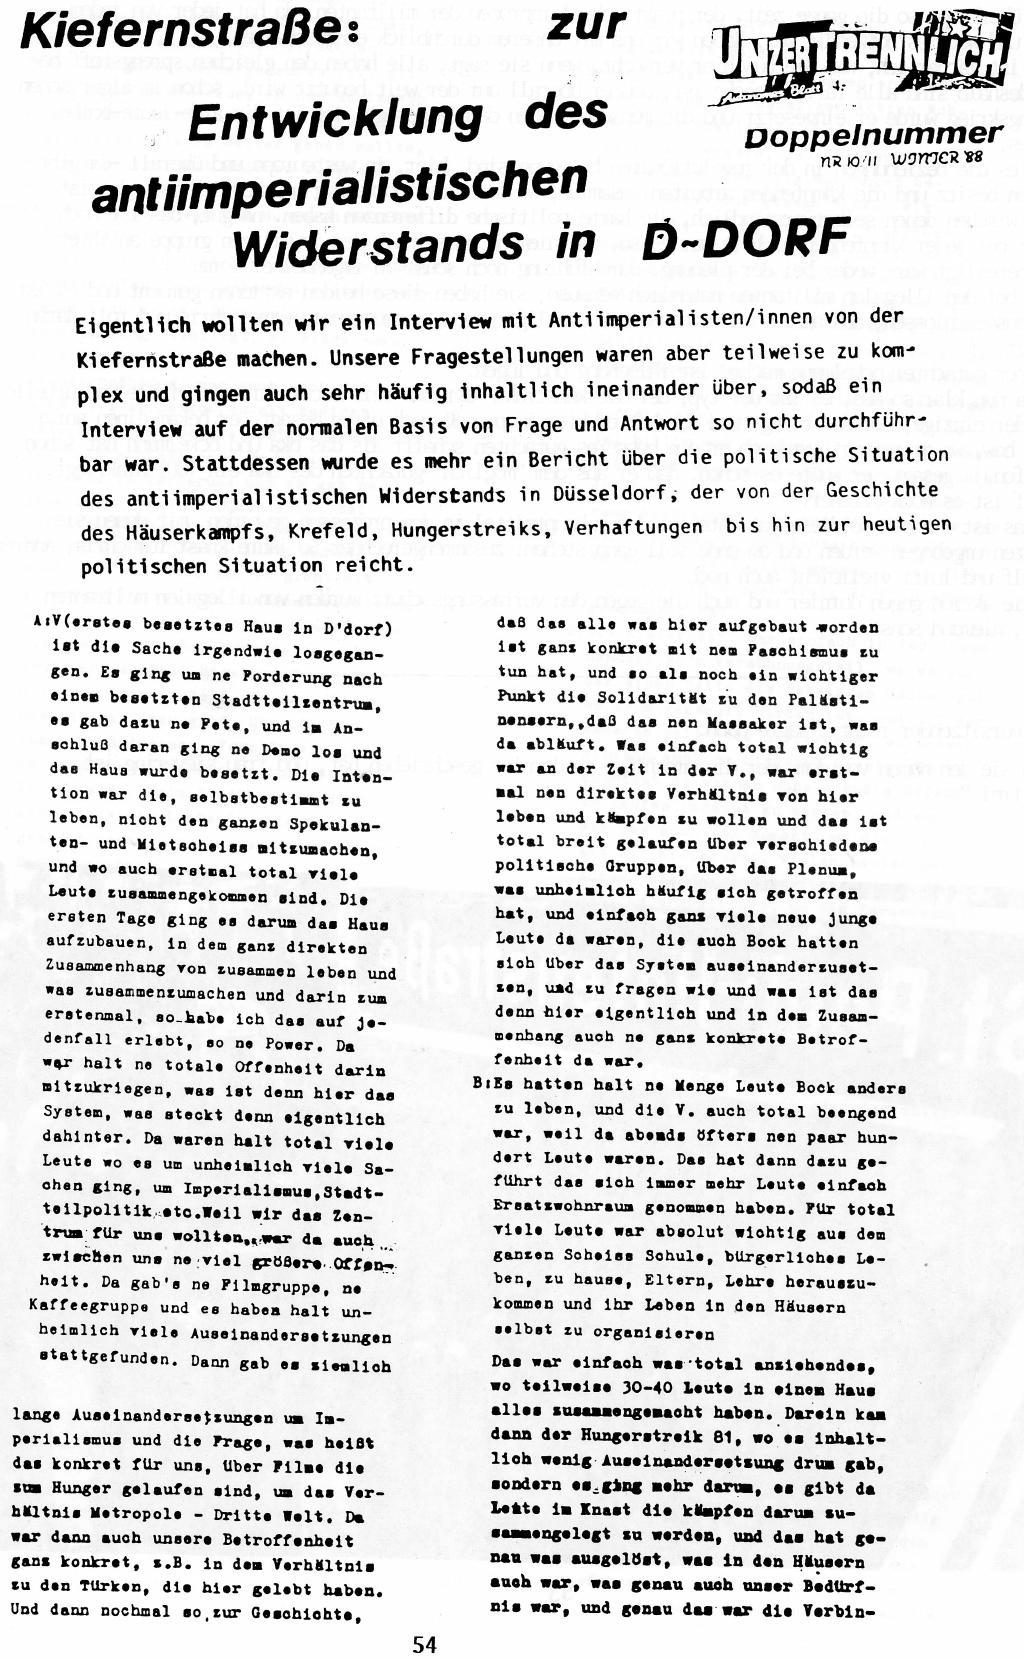 Duesseldorf_1989_Sechs_Politische_Gefangene_054